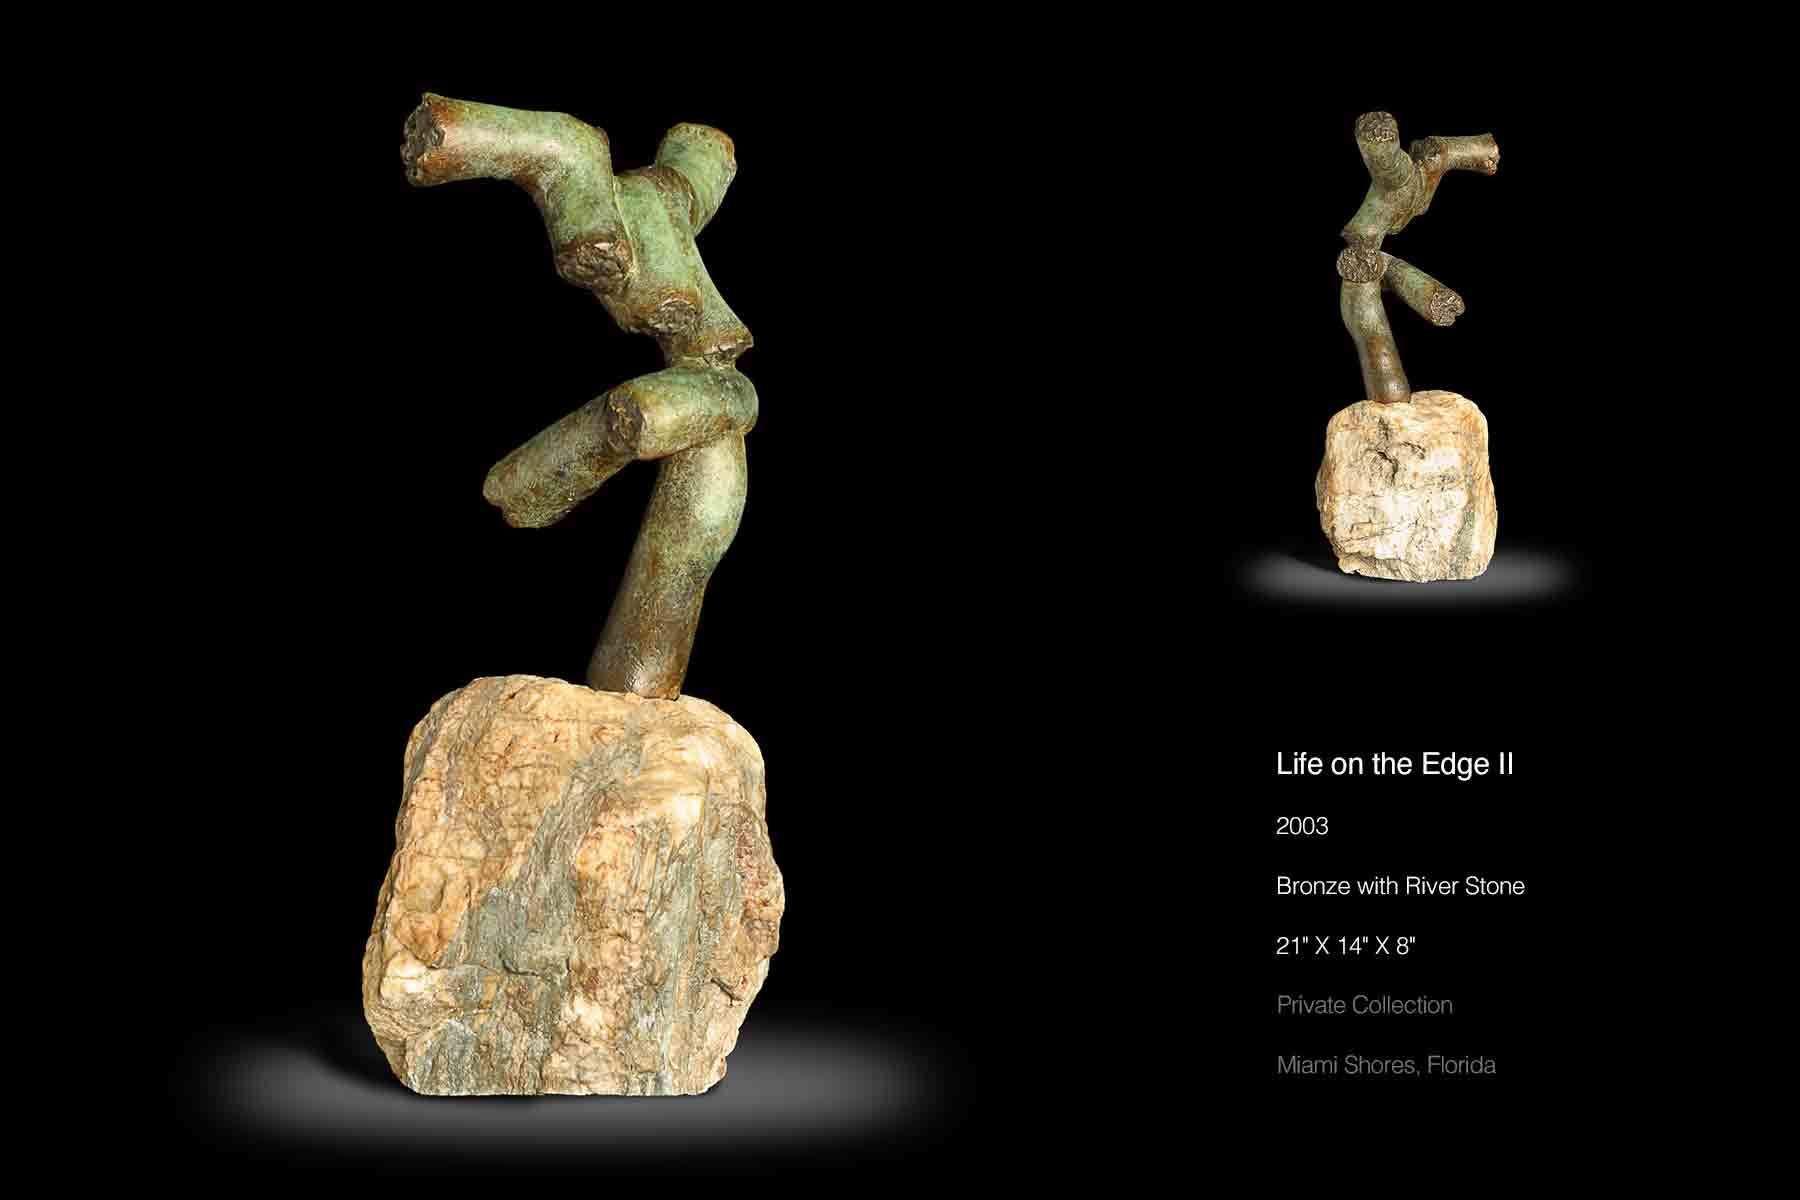 Life on the Edge II